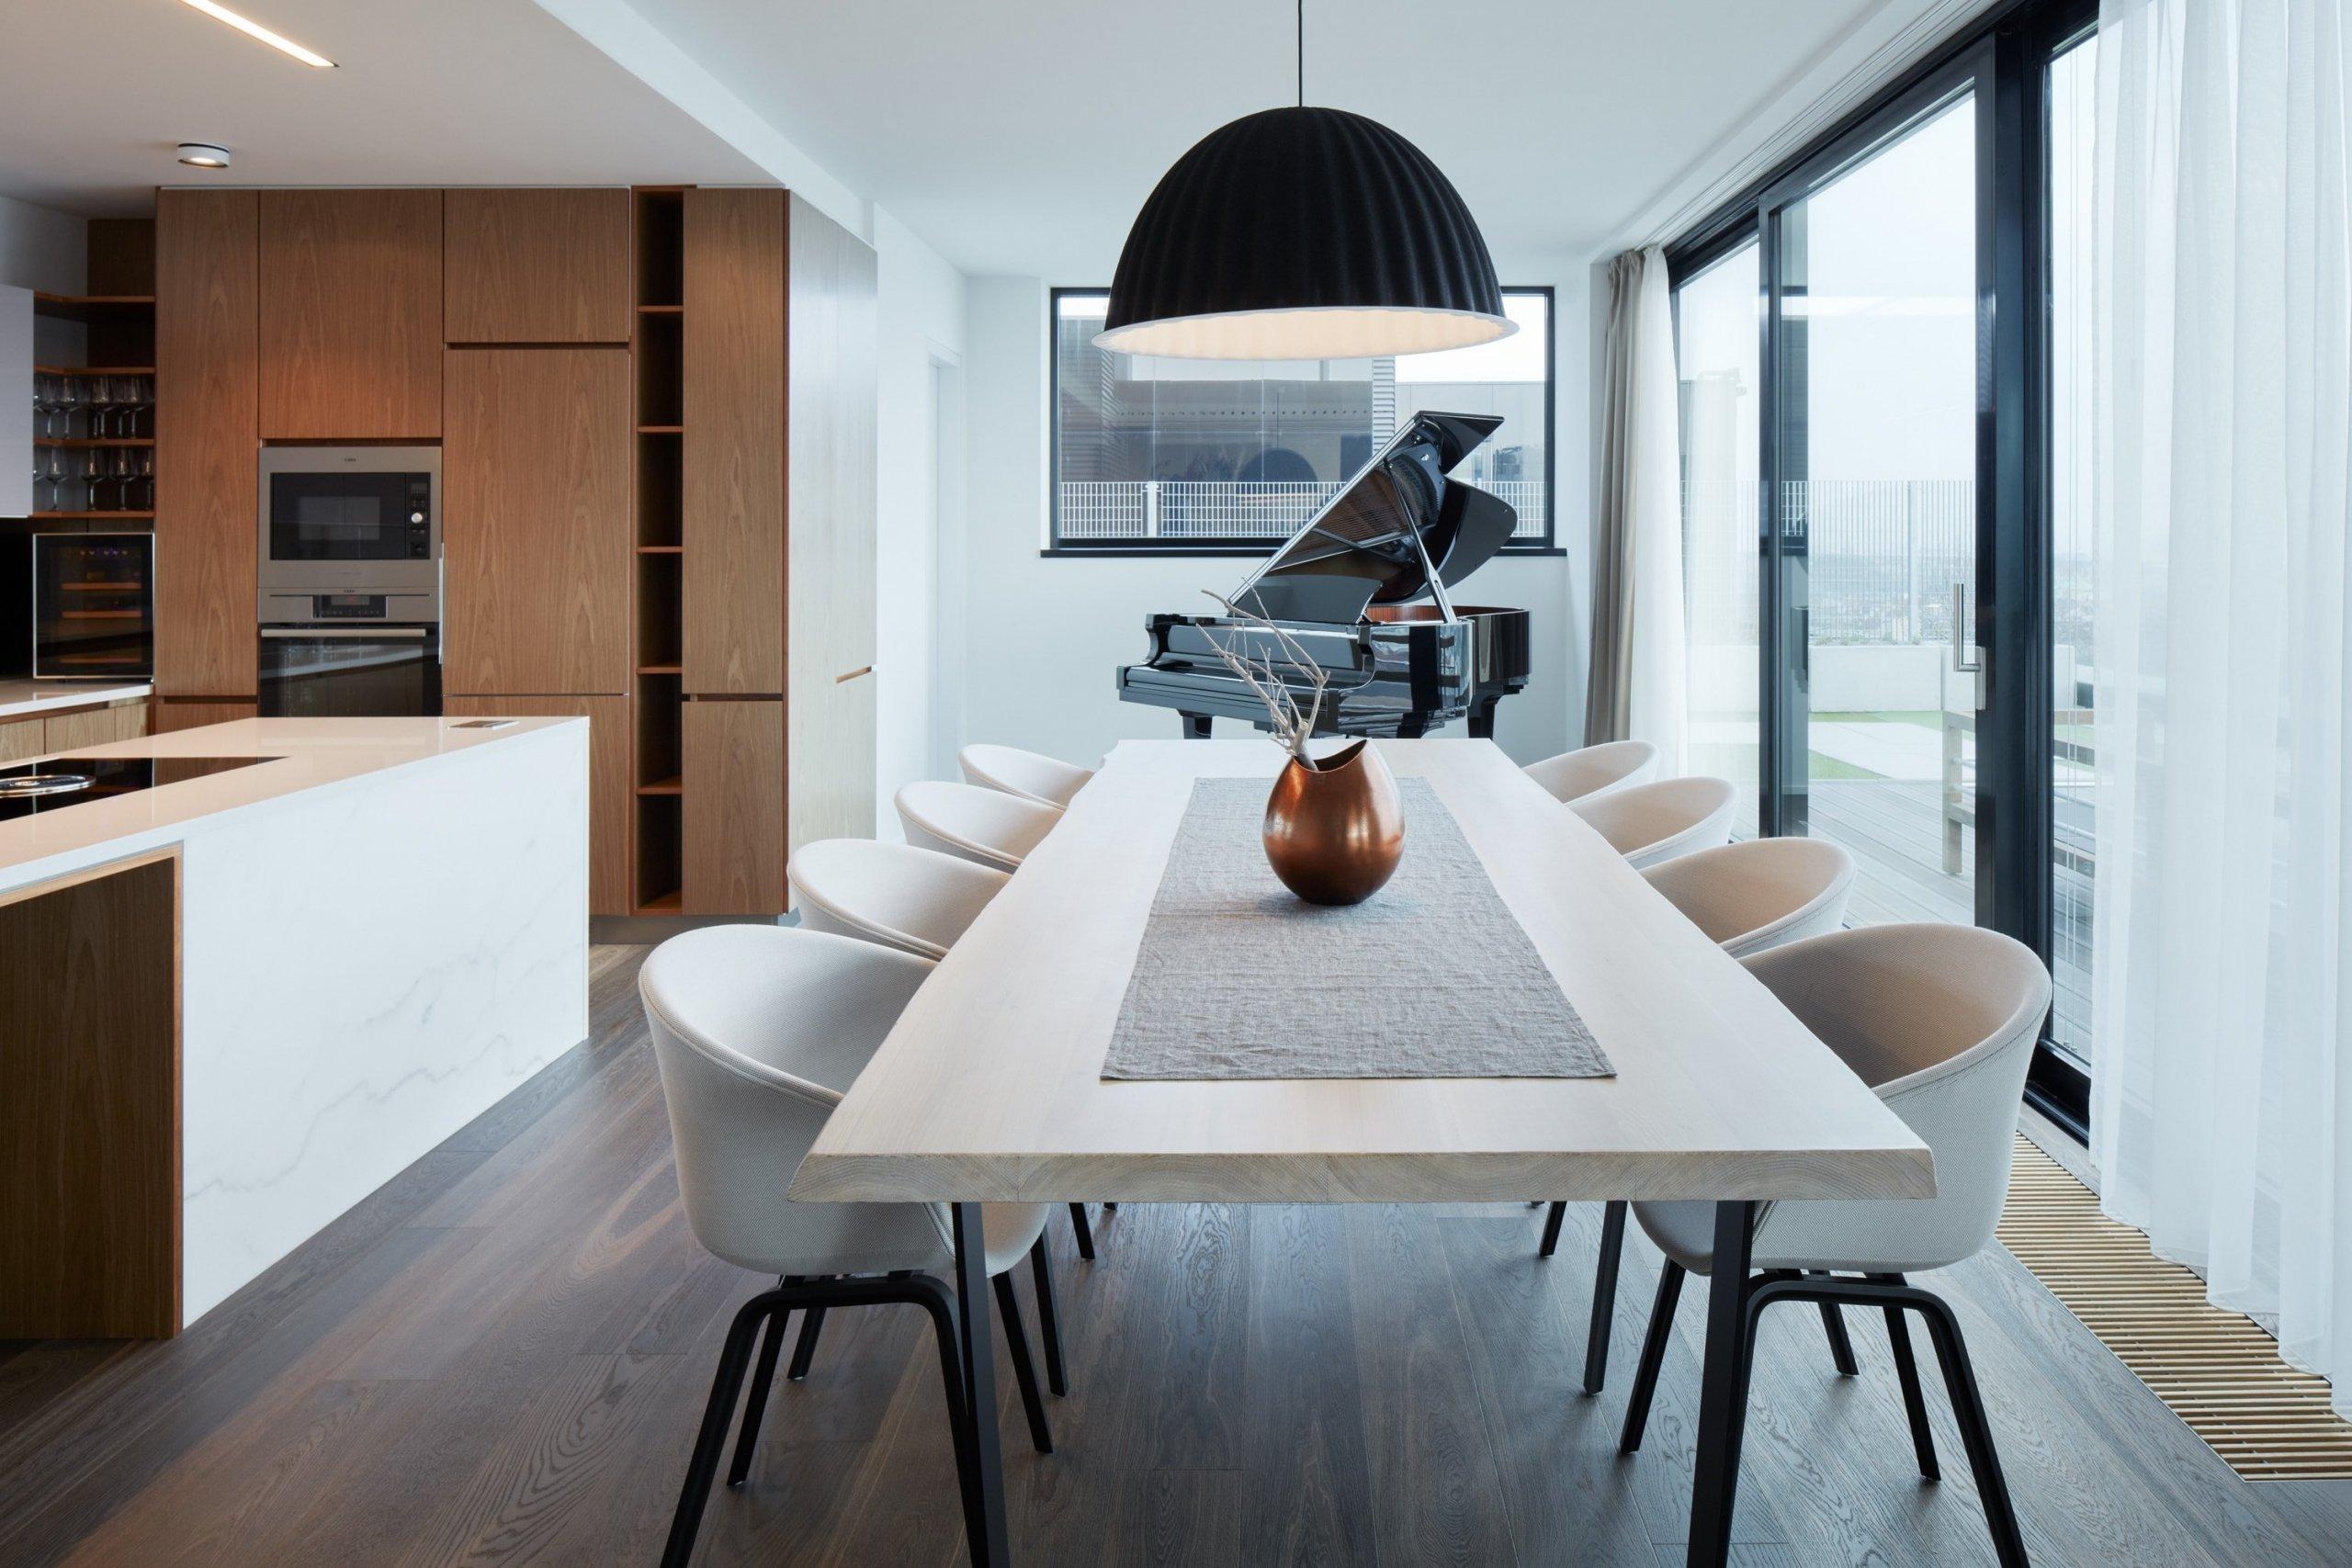 Tento penthouse je právem nazývaný i jako Dům na domě. Je to díky tomu, že je postavený jako samostatný dům umístěný na bytovém domě. Jeho autorem je architektka Jana Schnappel Hamrová ze studia Objectum. Co jiného nás na bytě zaujalo kromě zvláštní dispozice, zjistíte ve článku.